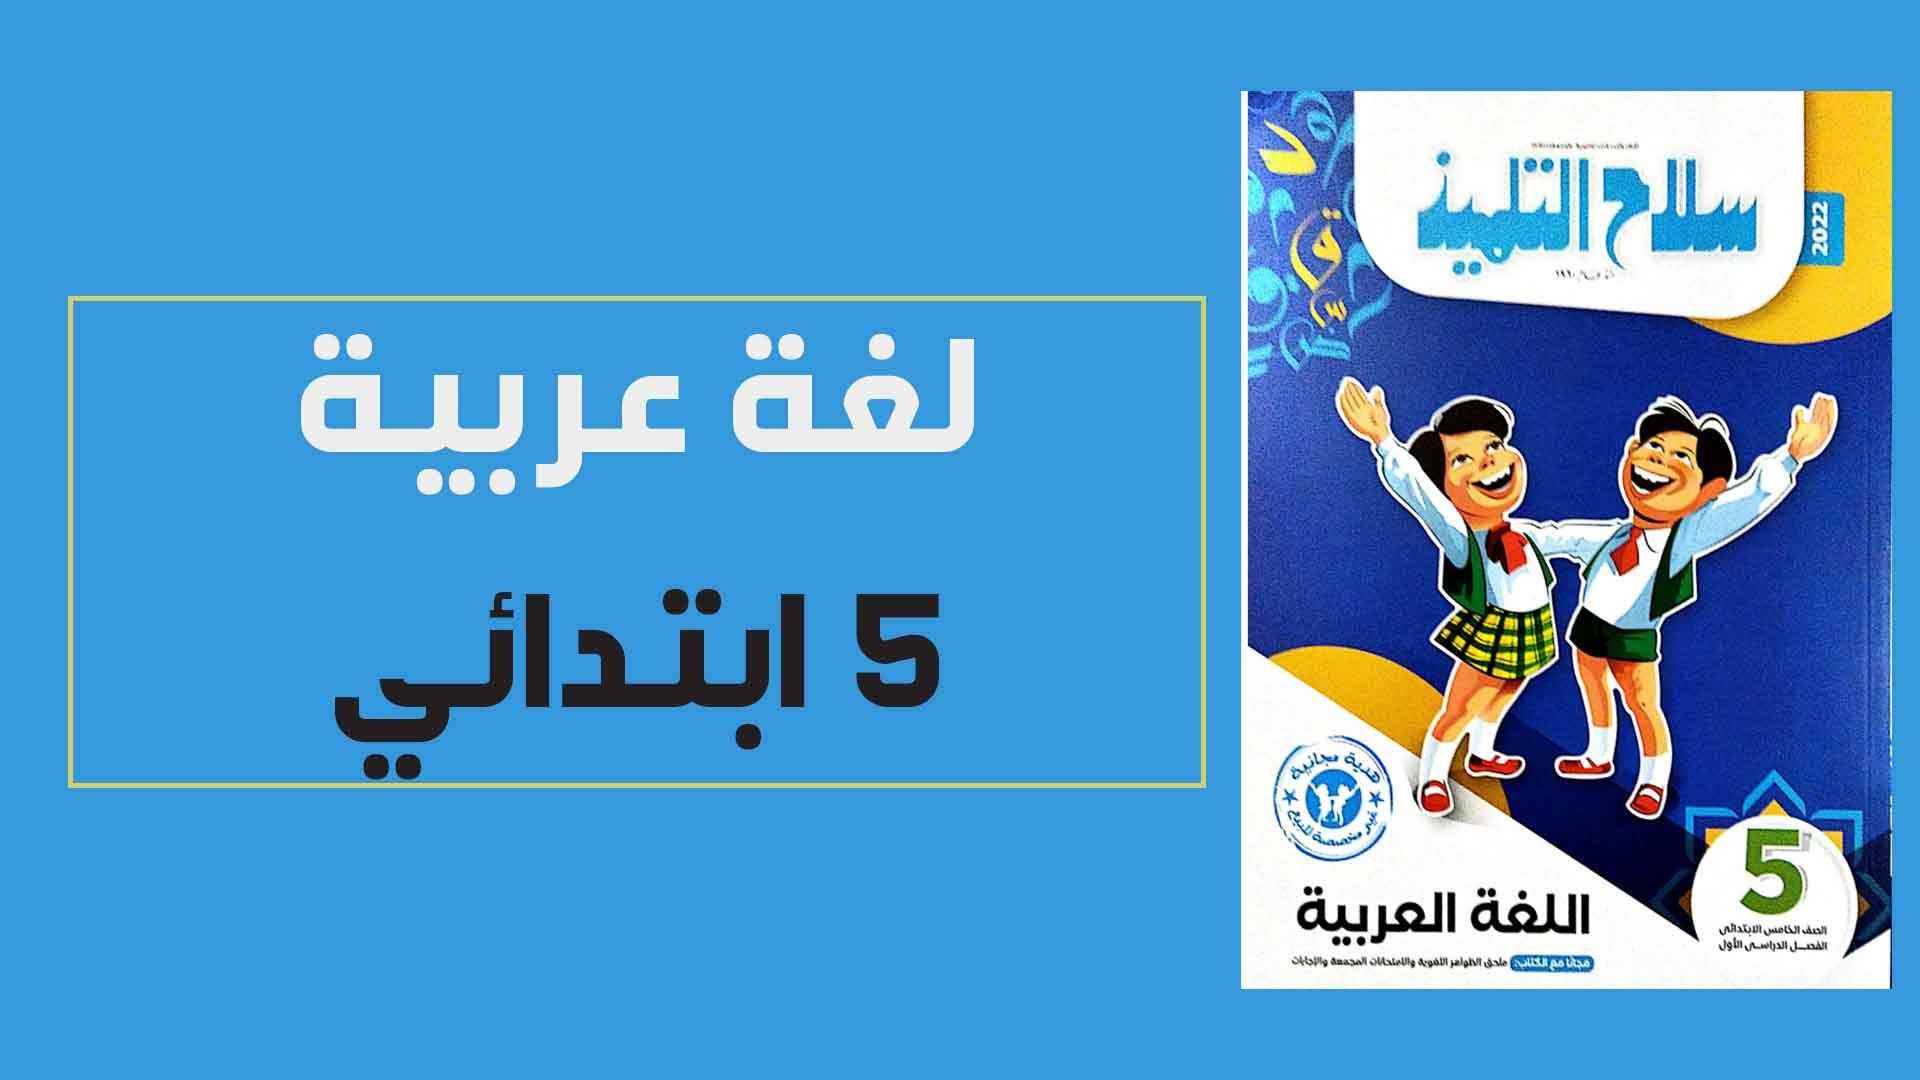 تحميل كتاب سلاح التلميذ فى اللغة العربية للصف الخامس الابتدائي الترم الاول 2022 pdf (النسخة الجديدة)